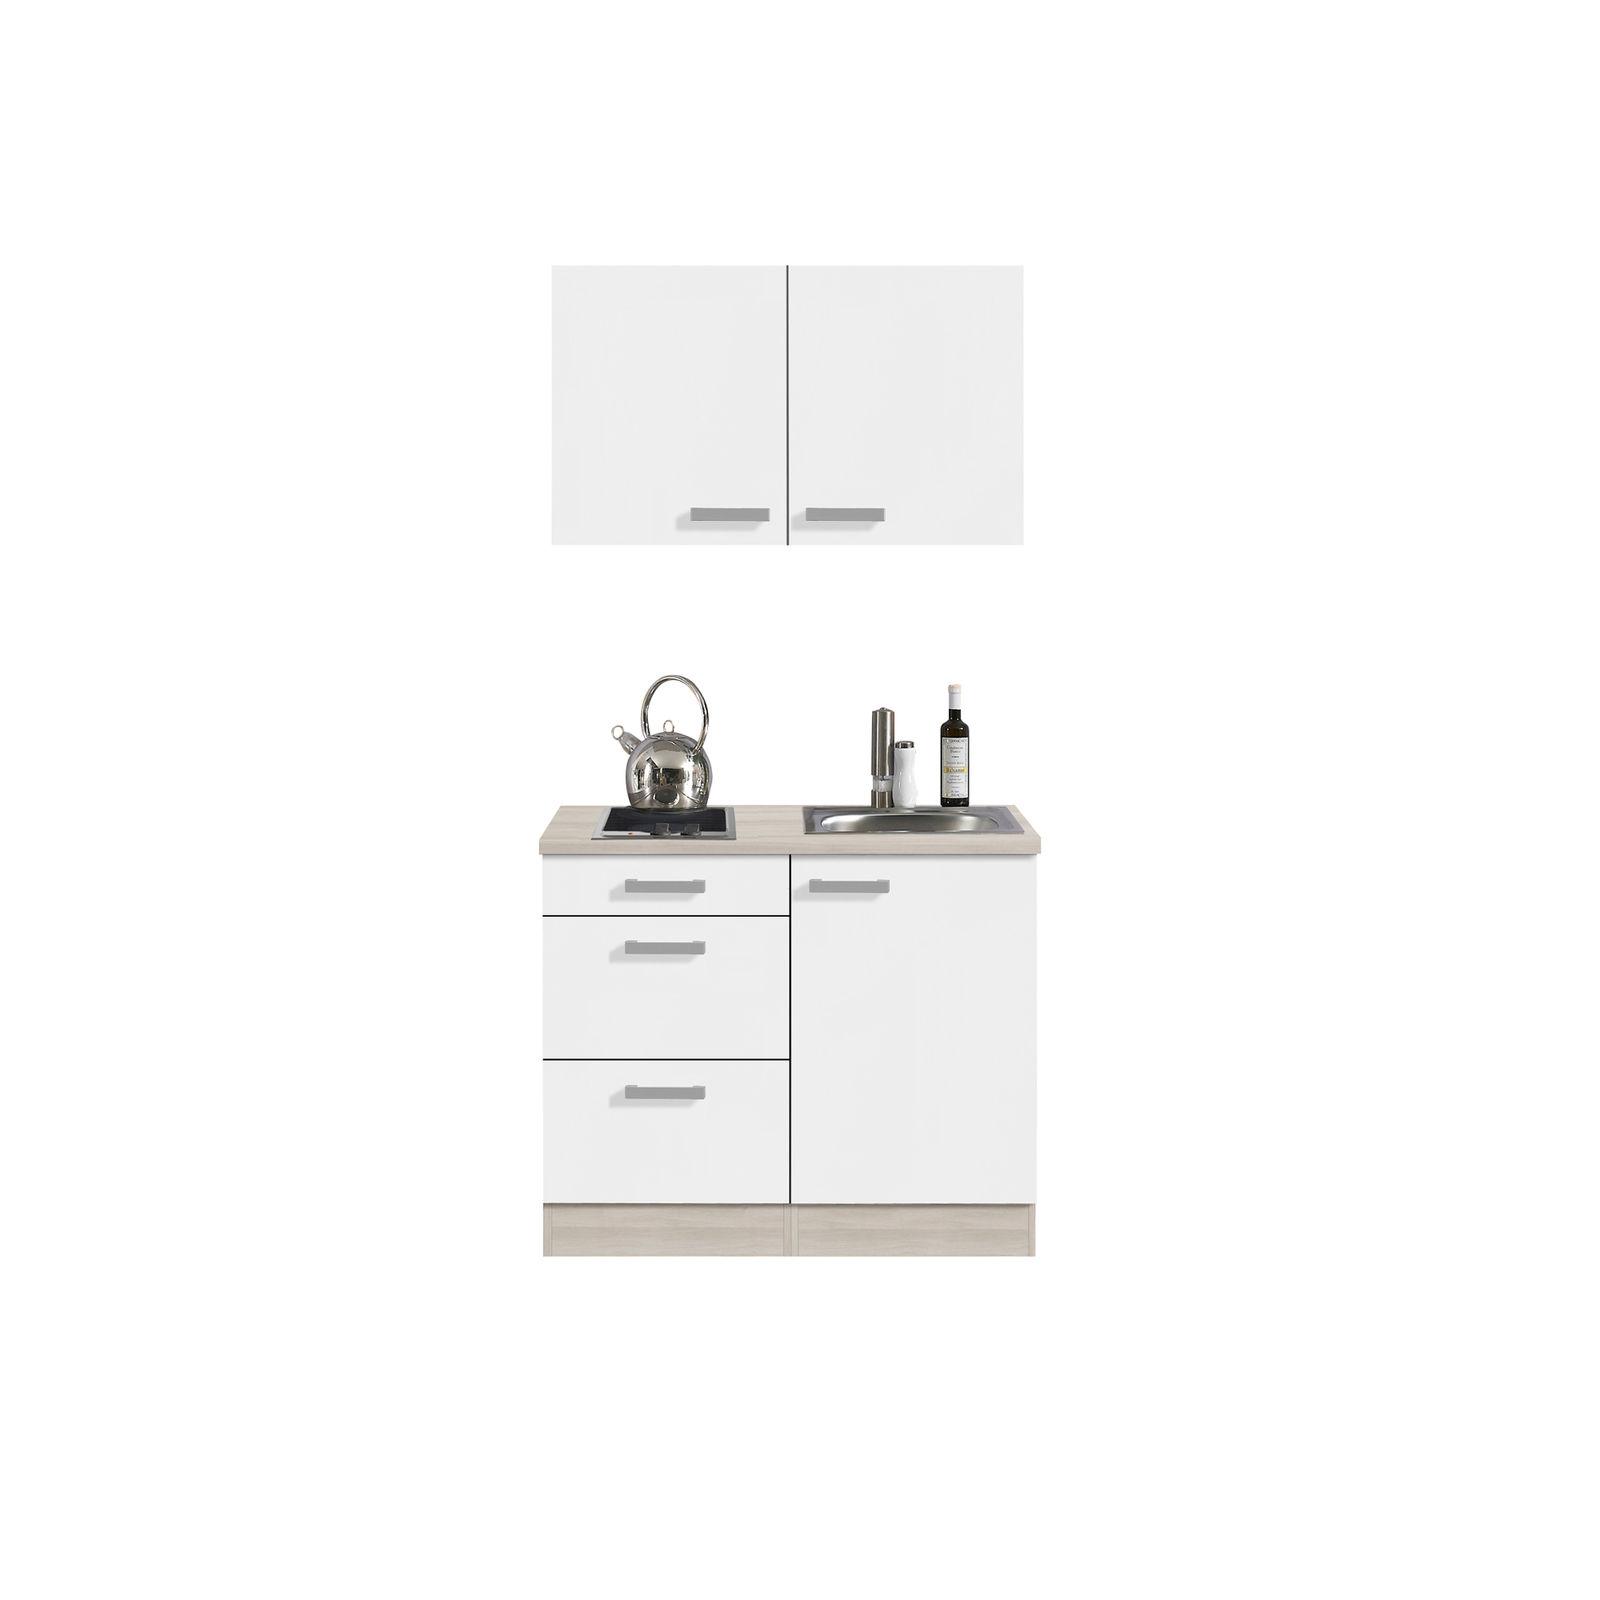 Full Size of Miniküche Roller Pantrykche Mehr Als 1000 Angebote Mit Kühlschrank Stengel Regale Ikea Wohnzimmer Miniküche Roller